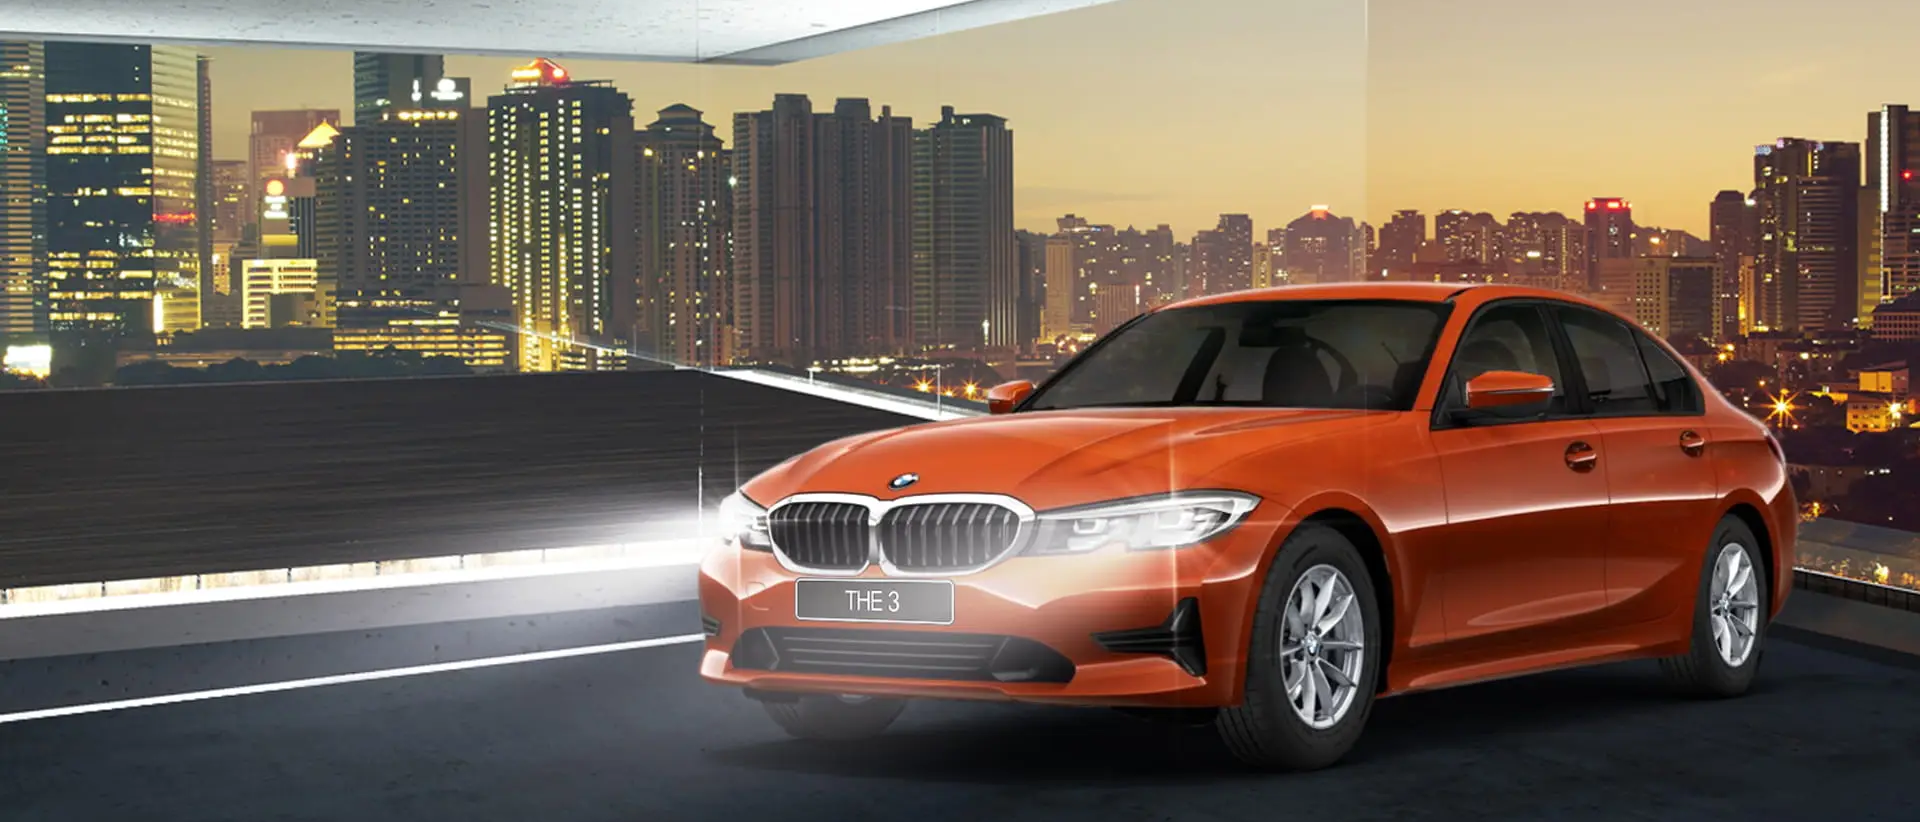 Купить новый БМВ 8 серии купе 2020-2021 в Москве в автосалоне официального дилера BMW Автодом Внуково